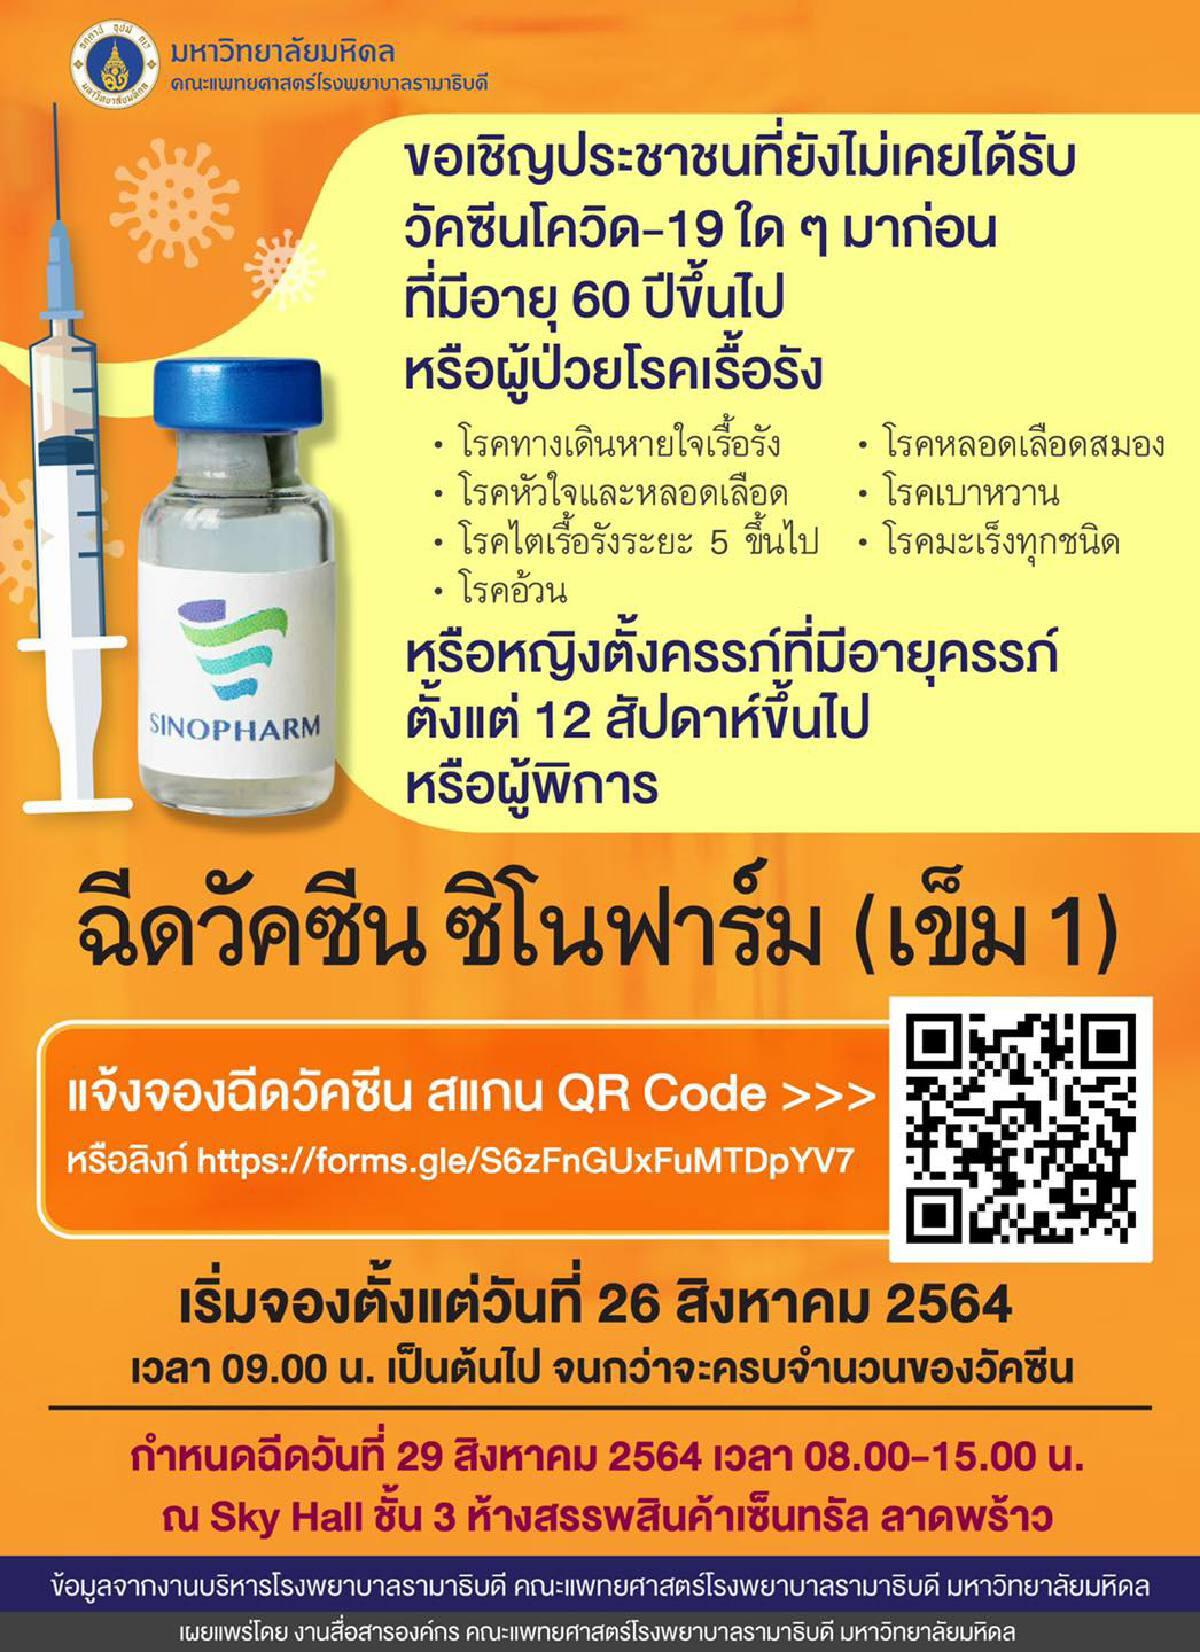 """เช็กที่นี่ จอง """"ฉีดวัคซีน"""" ซิโนฟาร์ม รพ.รามาธิบดี สำหรับ ปชช. 4 กลุ่ม วันนี้"""